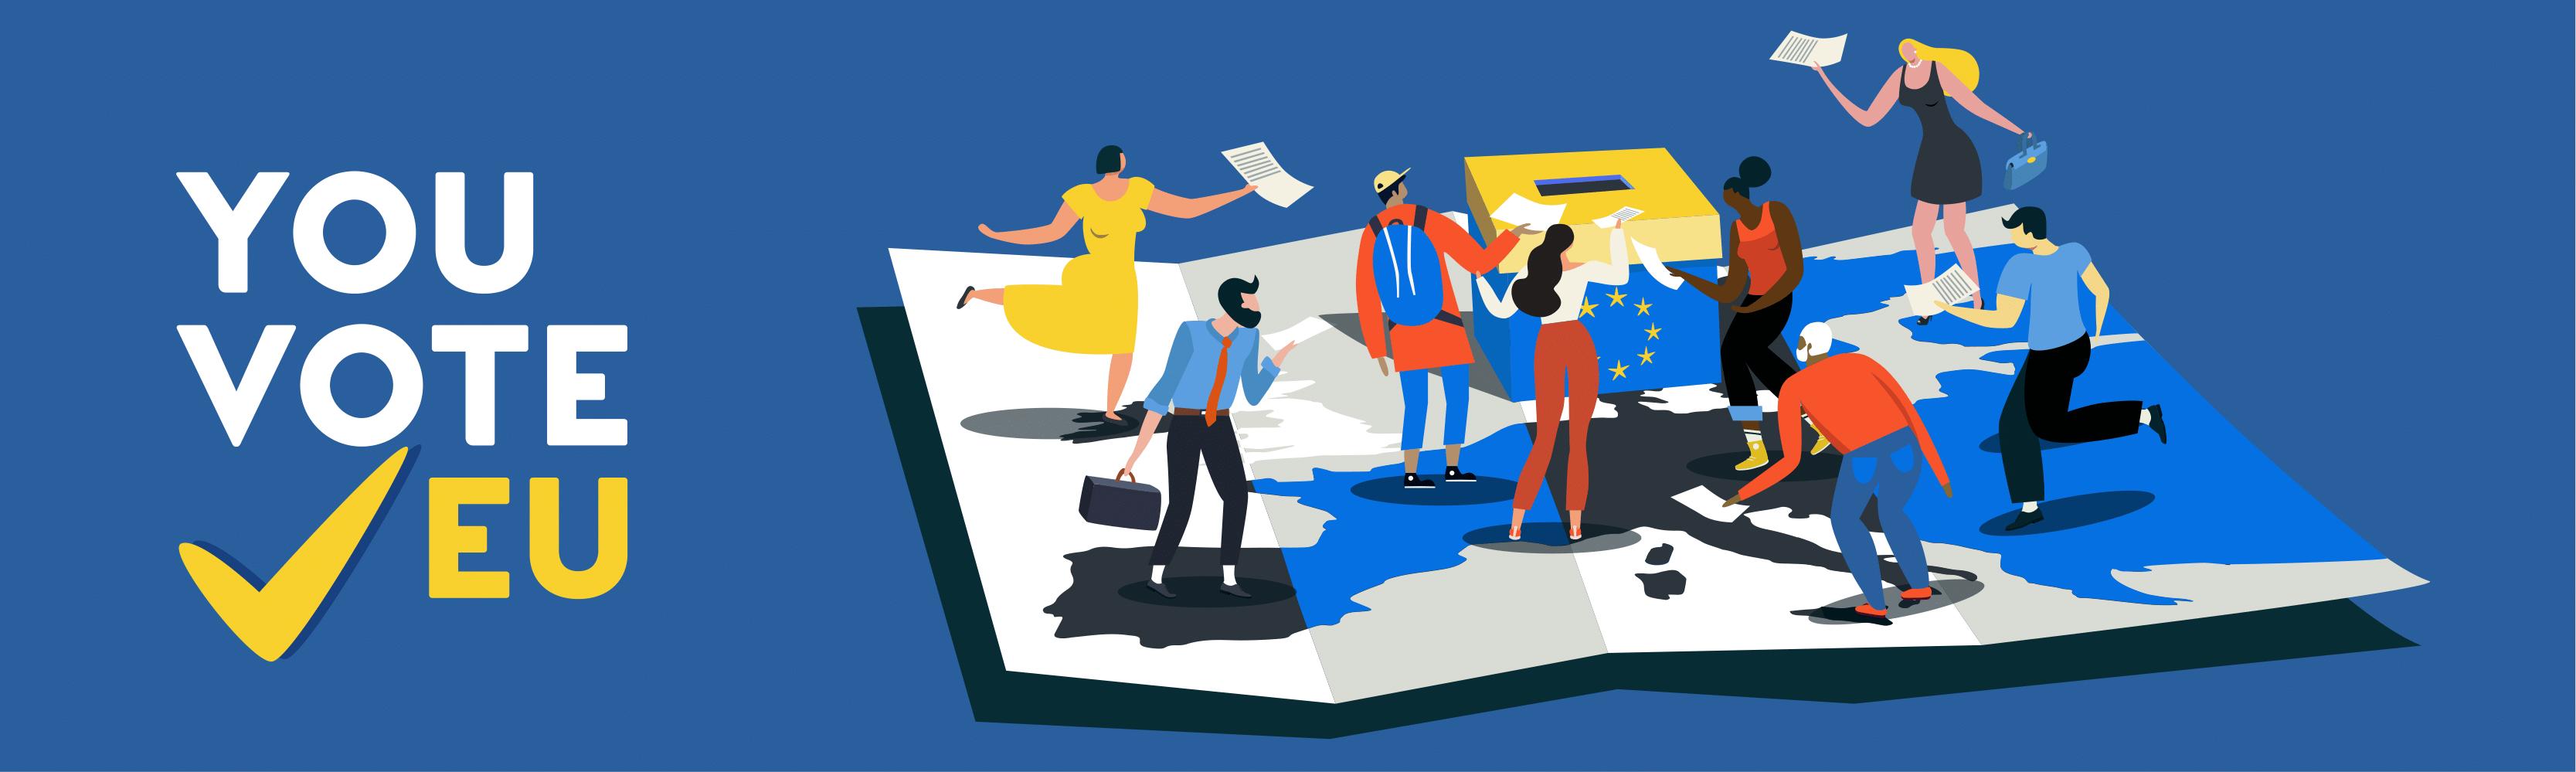 Ευρωεκλογές 2019: Η επόμενη μέρα • ΑΝΟΙΧΤΗ ΣΥΖΗΤΗΣΗ